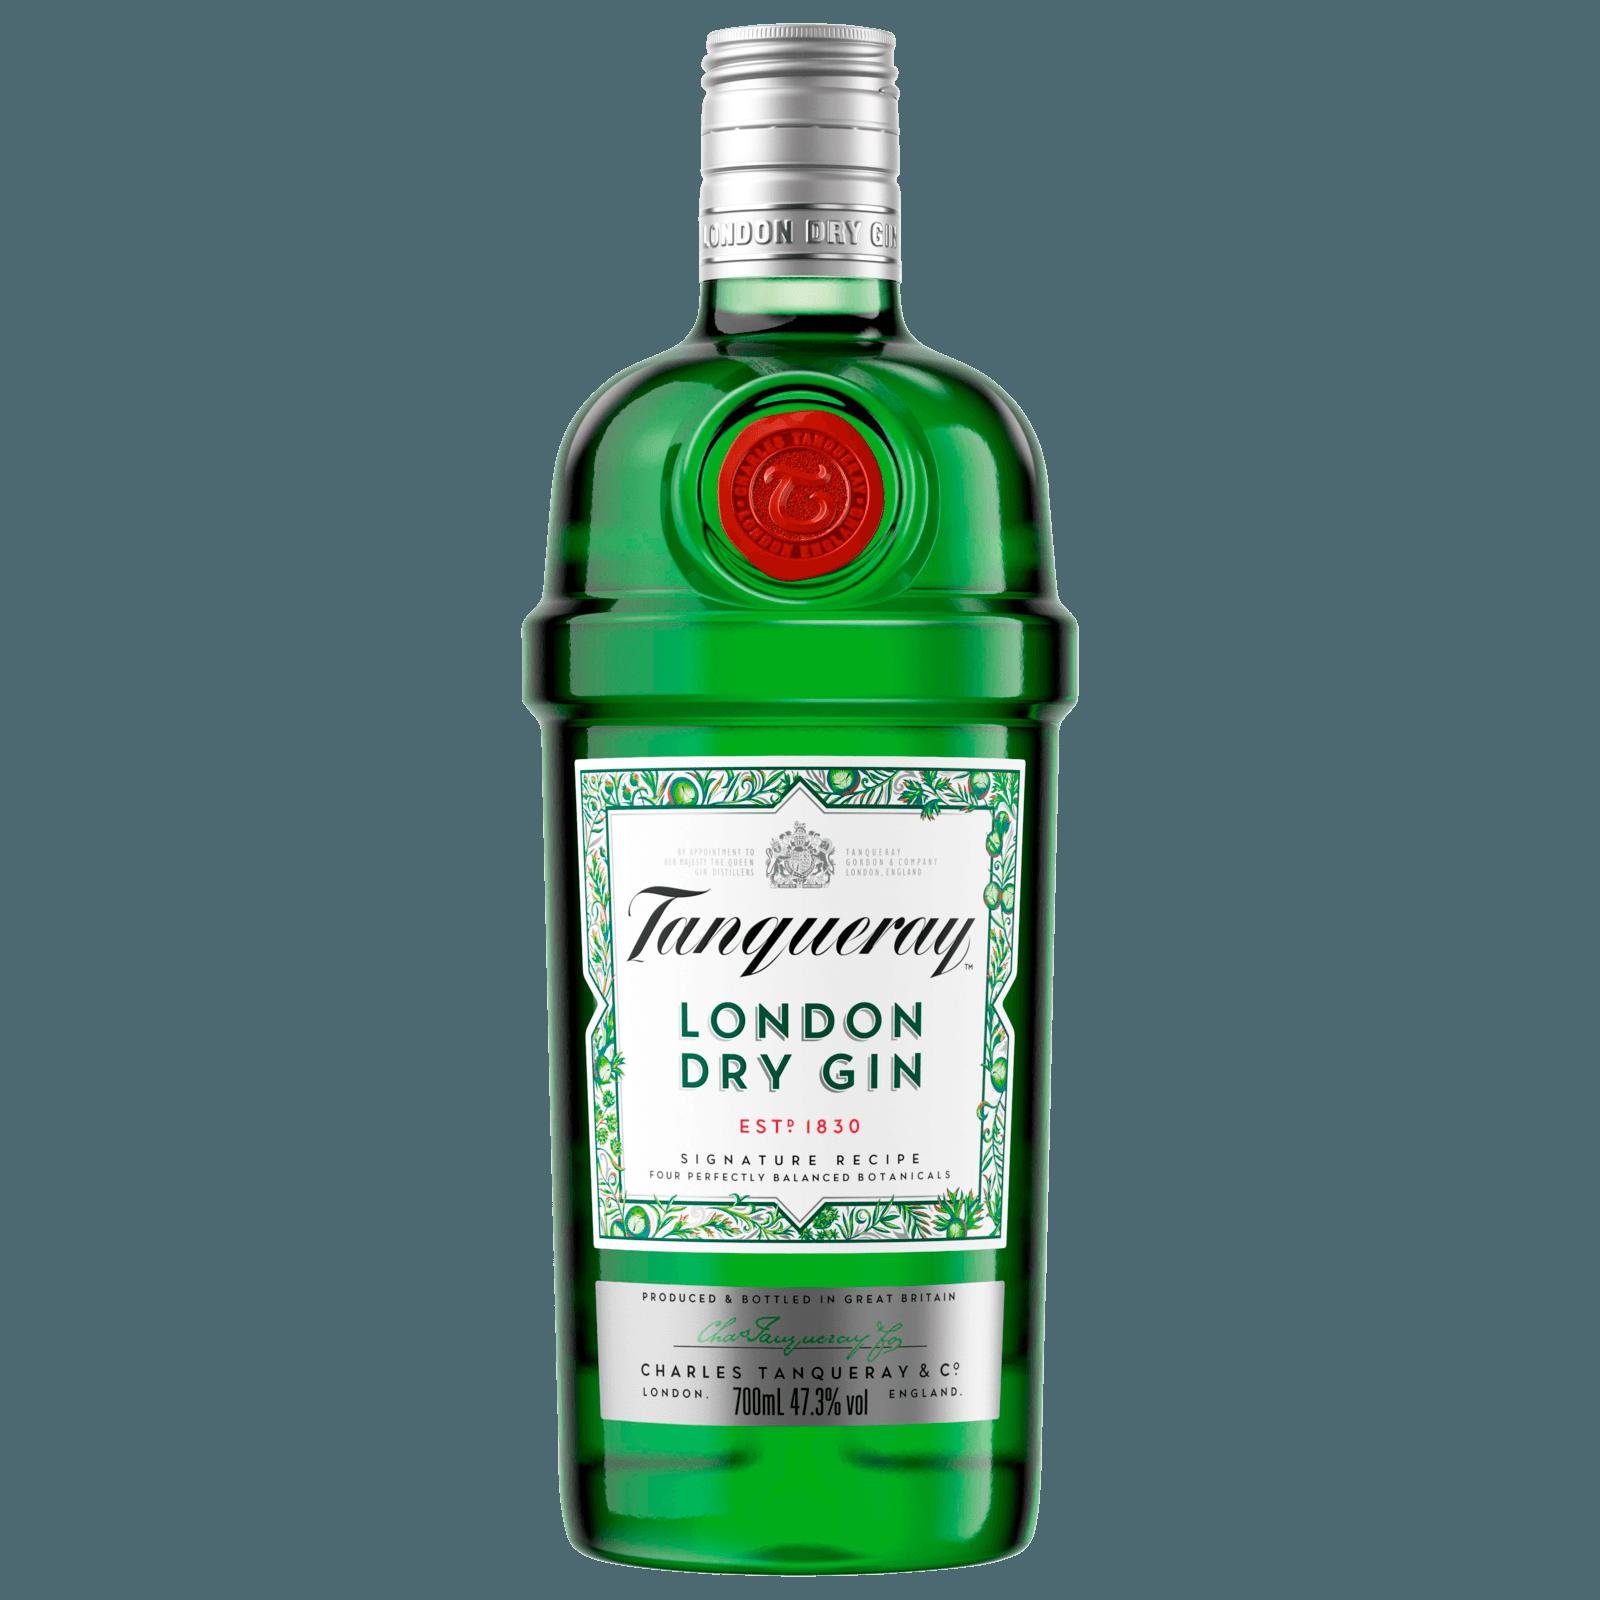 Tanqueray London Dry Gin 0,7l bei REWE online bestellen!